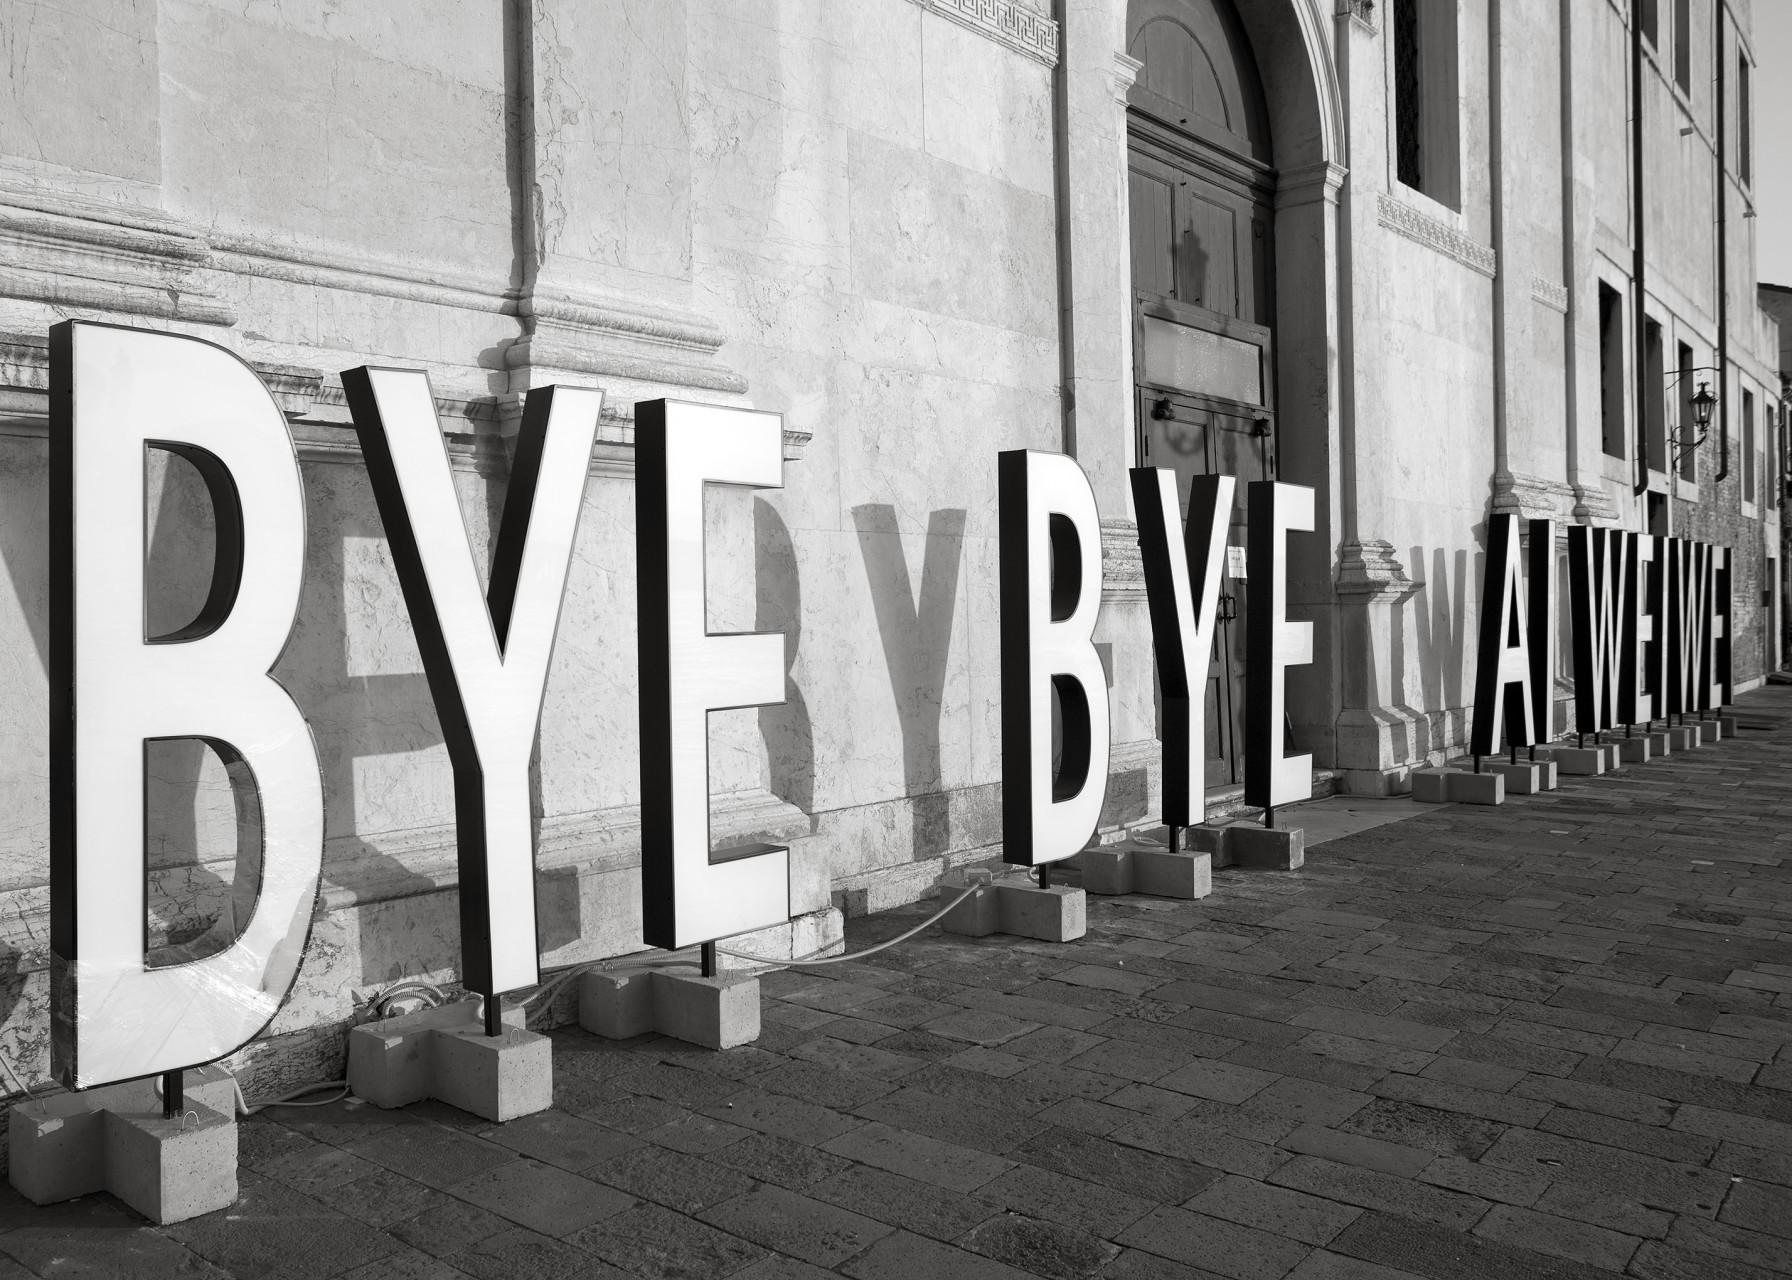 Byebye Ai Weiwei installazione3_bassa